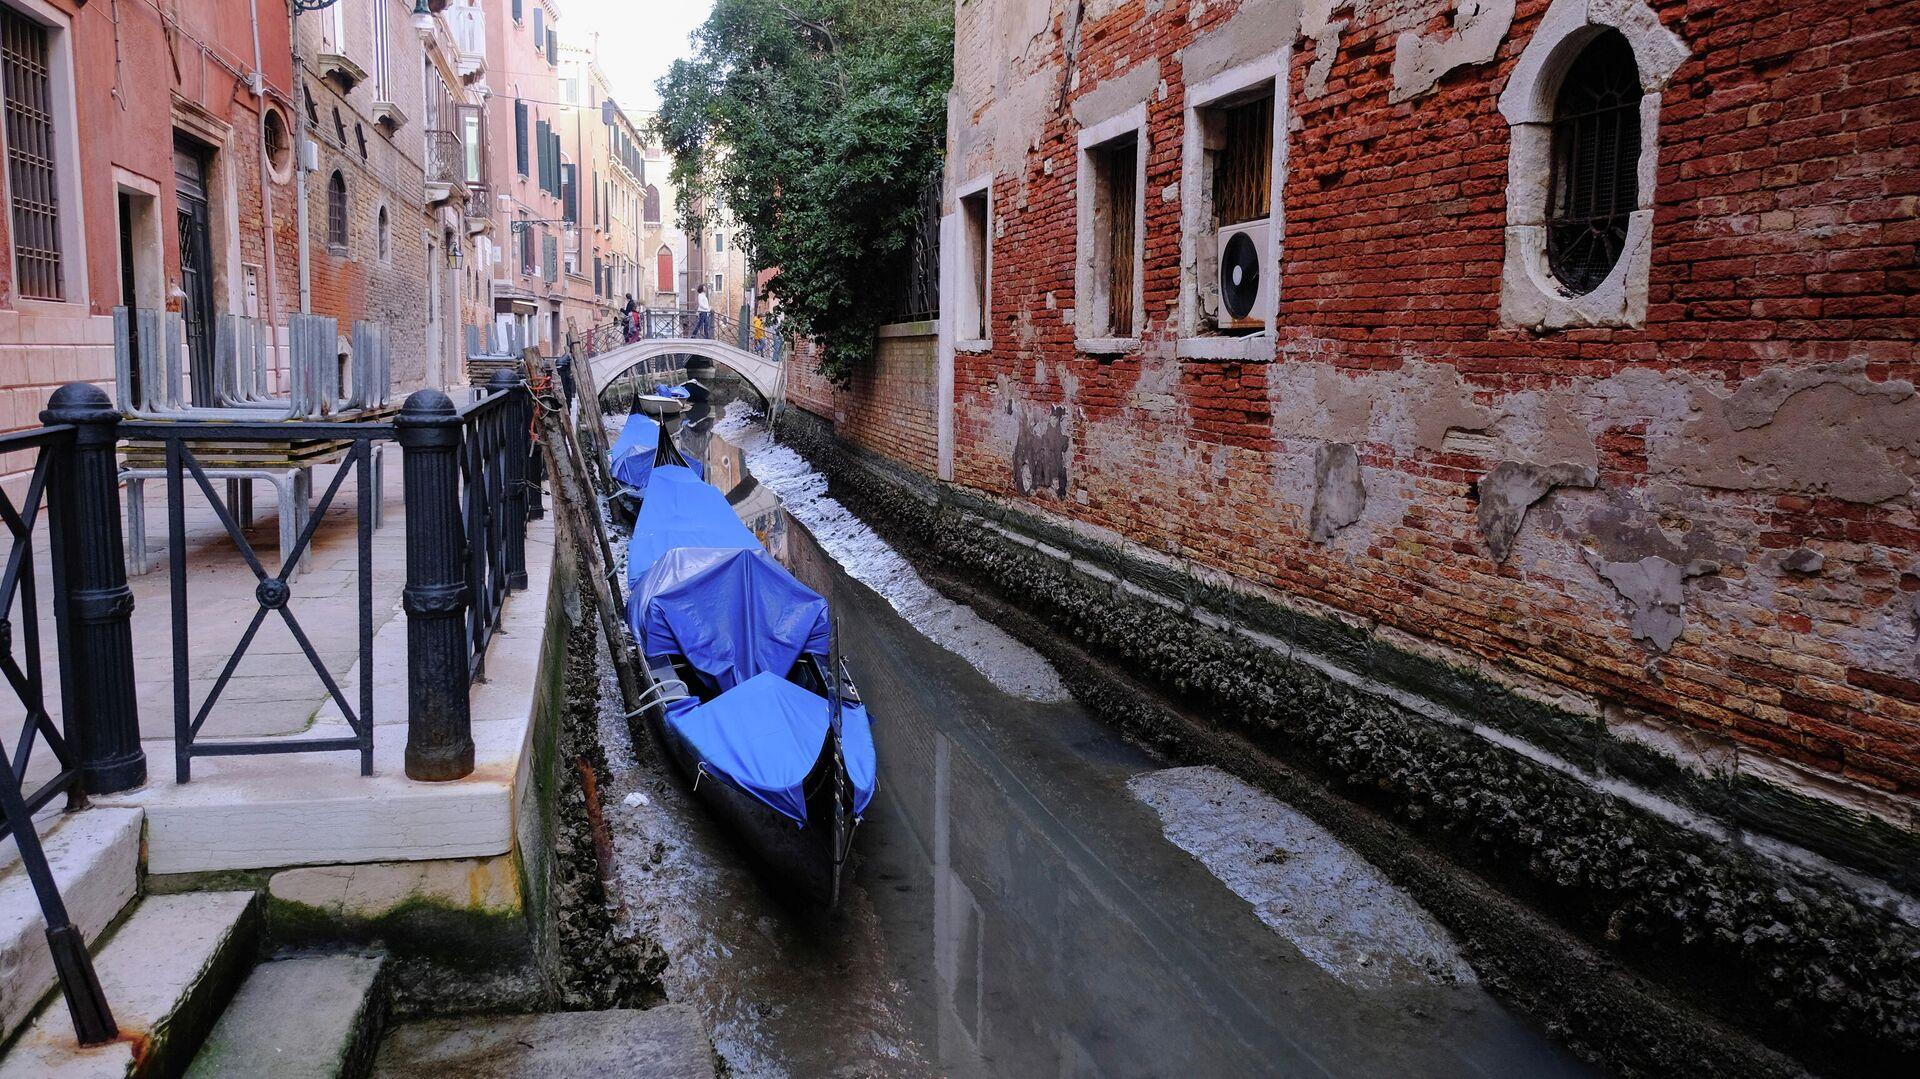 Гондолы в канале во время отлива в Венеции, Италия - РИА Новости, 1920, 01.03.2021